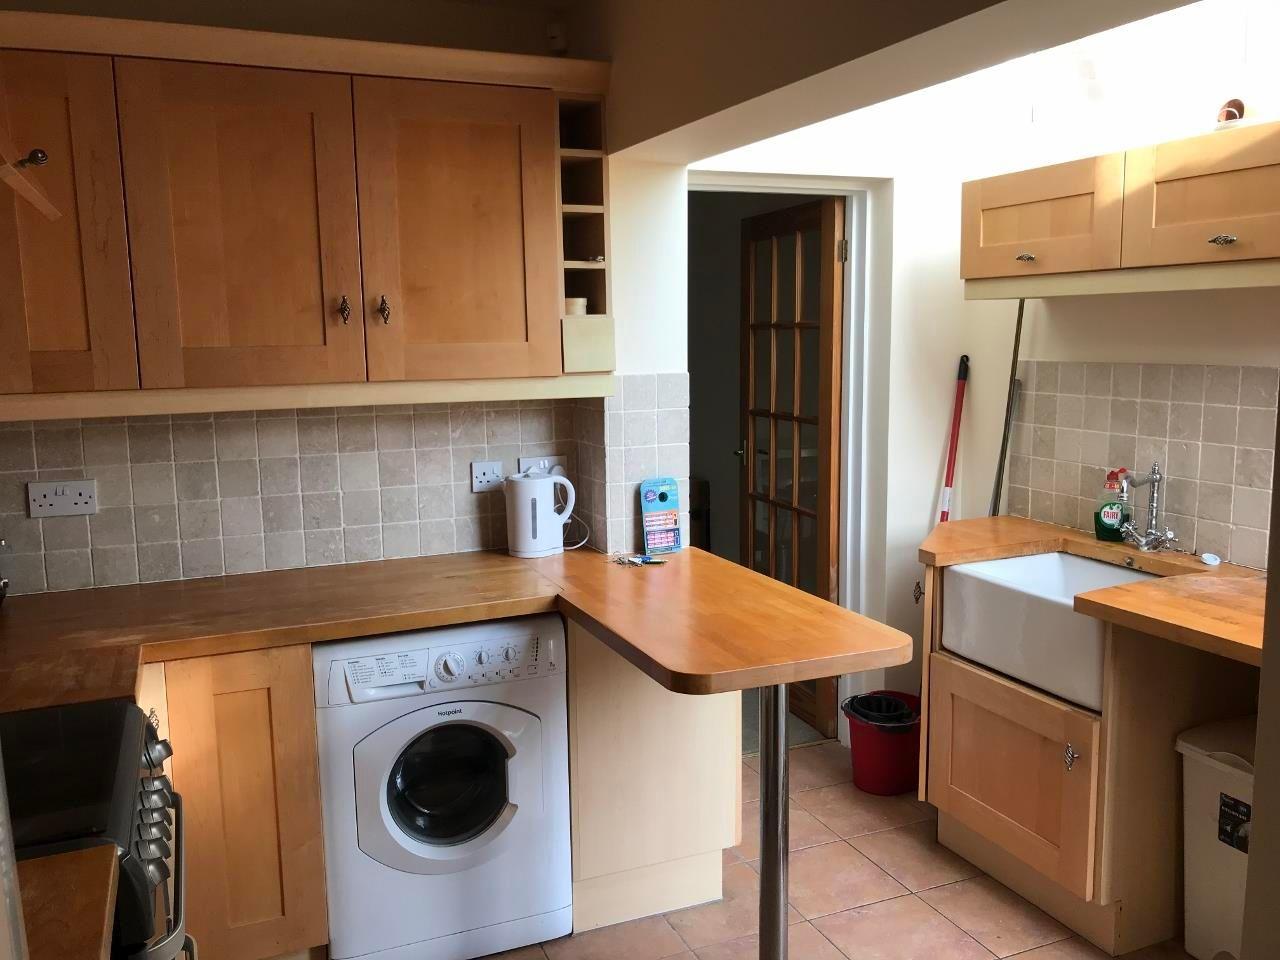 Property photo 1 of 11. Image